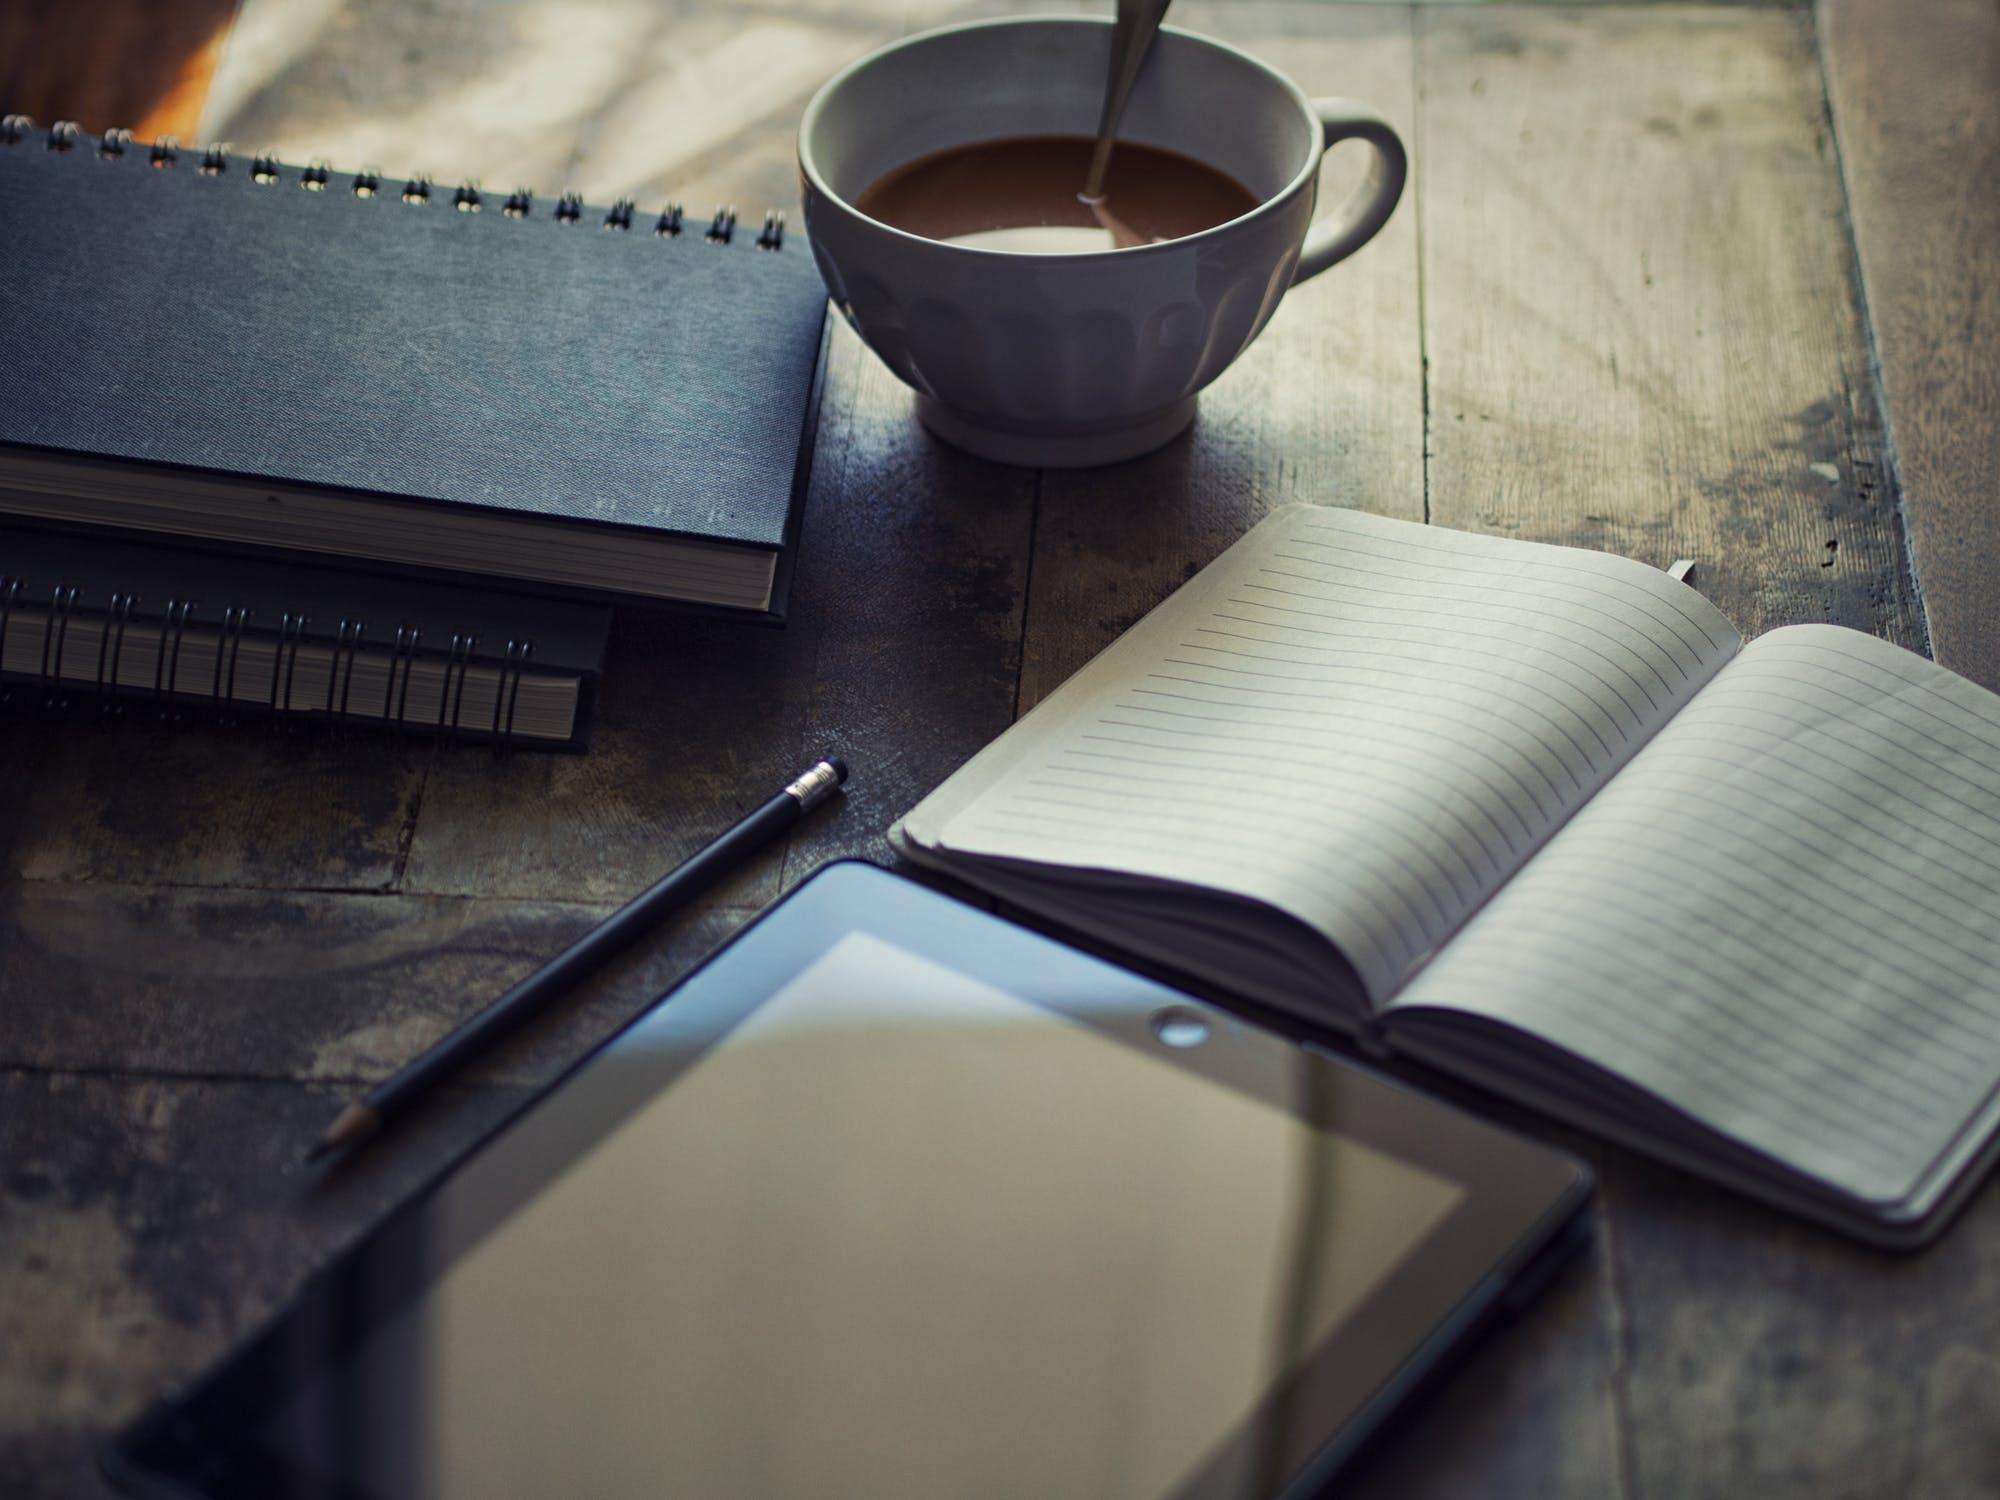 Fortsetzung schreiben; gemütlicher Tisch mit Kaffee, Notizbüchern, Stift und Tablet, Blog